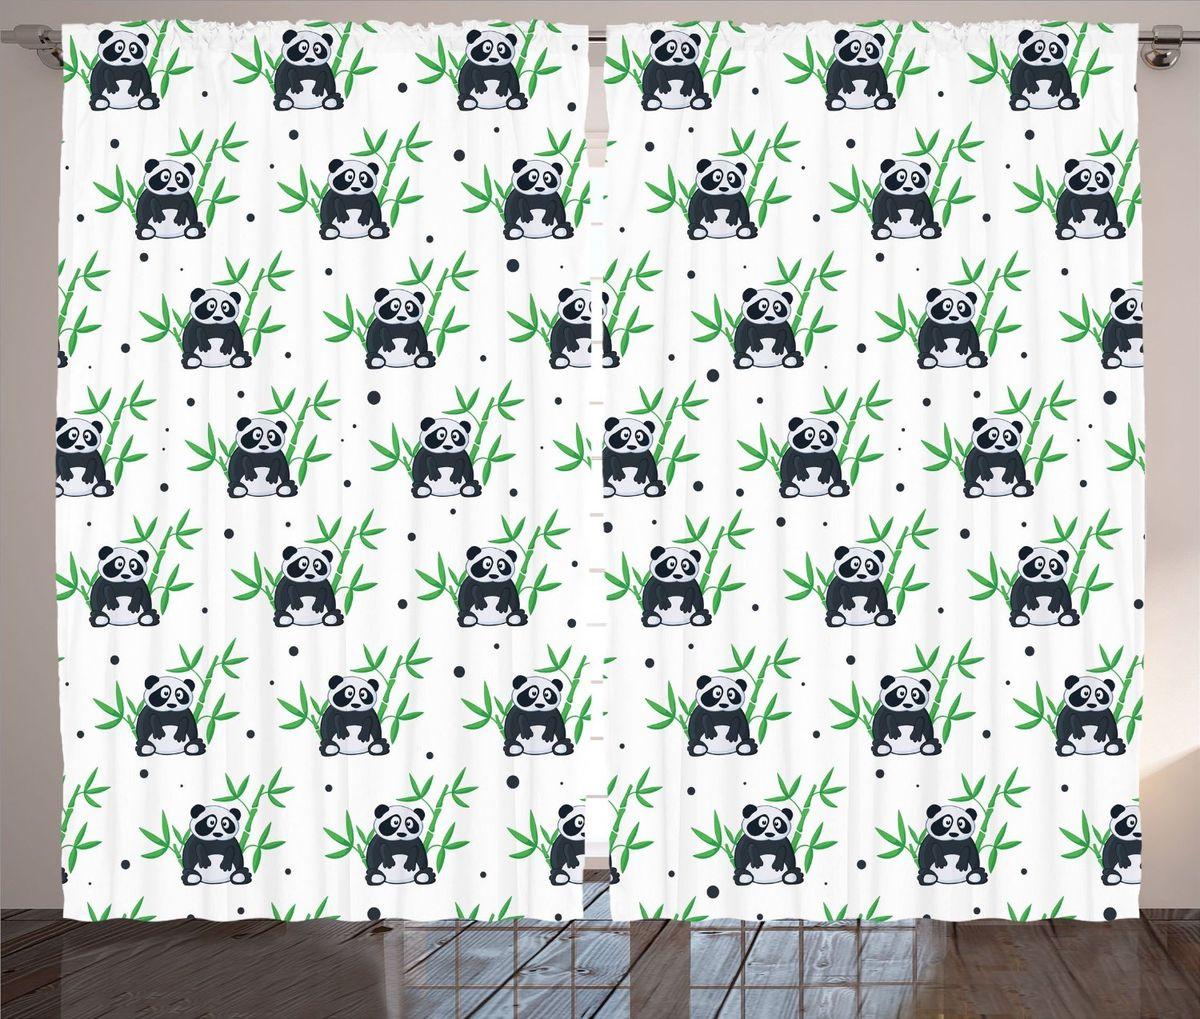 Комплект фотоштор Magic Lady Панды и бамбук, на ленте, высота 265 смшсг_12186Фотошторы Magic Lady Панды и бамбук, изготовленные из высококачественного сатена (полиэстер 100%), отлично дополнят любой интерьер. При изготовлении используются специальные гипоаллергенные чернила для прямой печати по ткани, безопасные для человека и животных. Крепление на карниз при помощи шторной ленты на крючки. В комплекте 2 шторы, 50 крючков. Ширина одного полотна: 145 см. Высота штор: 265 см. Изображение на мониторе может немного отличаться от реального.